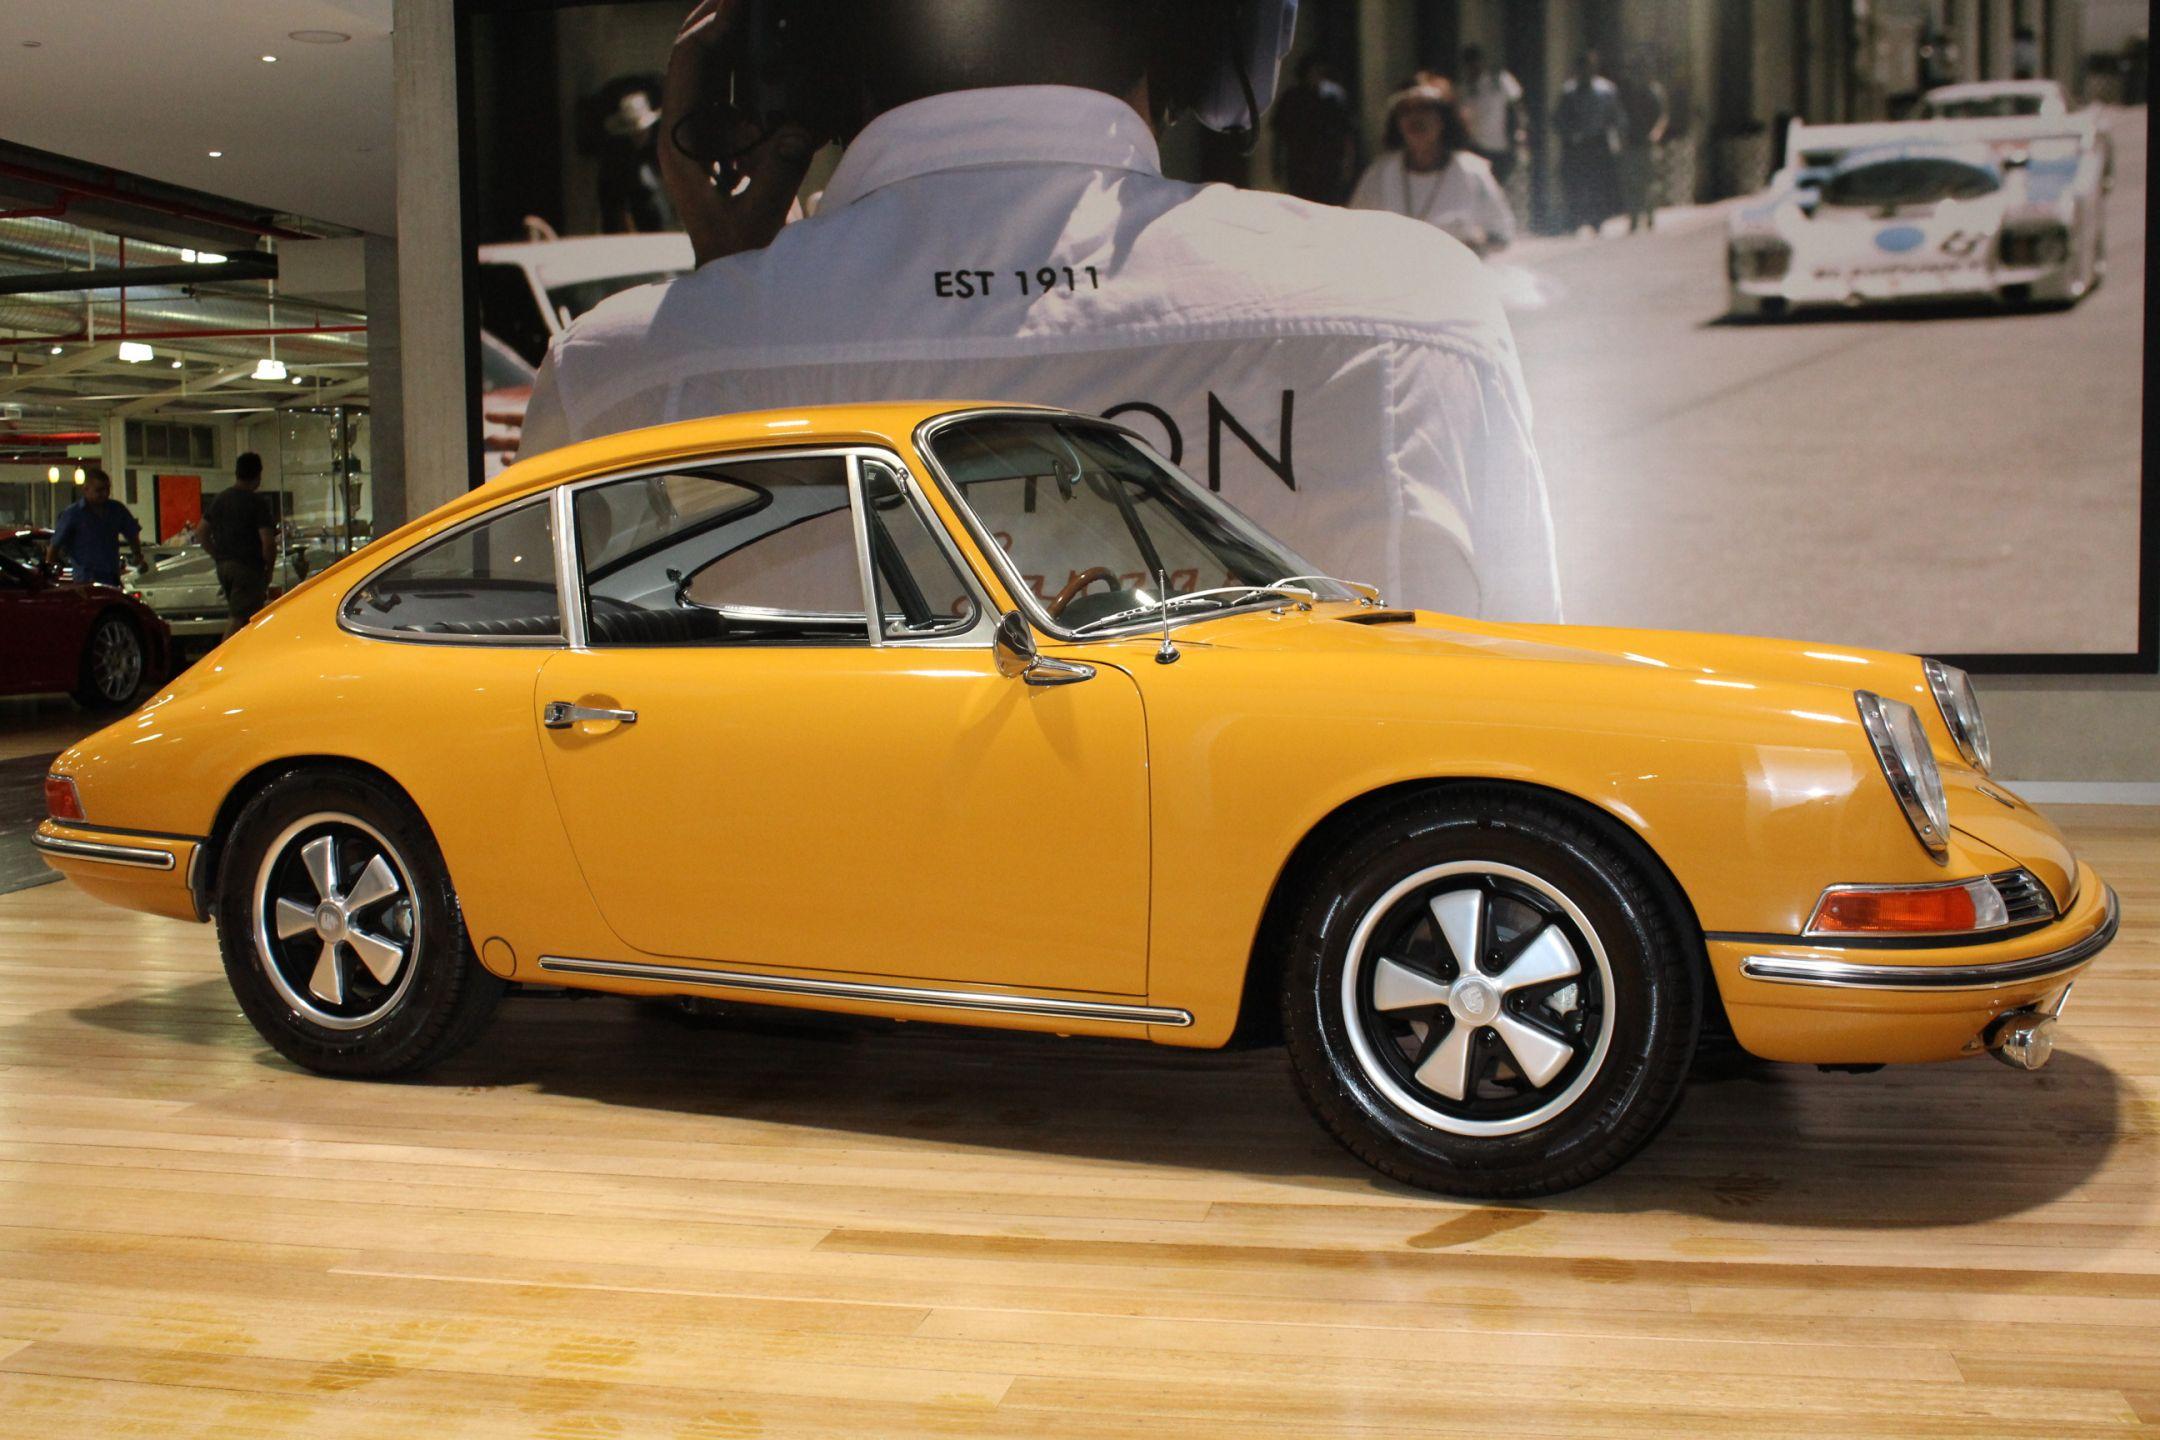 1967 Porsche 911 S Swb Sportomatic For Sale Duttongaragecom